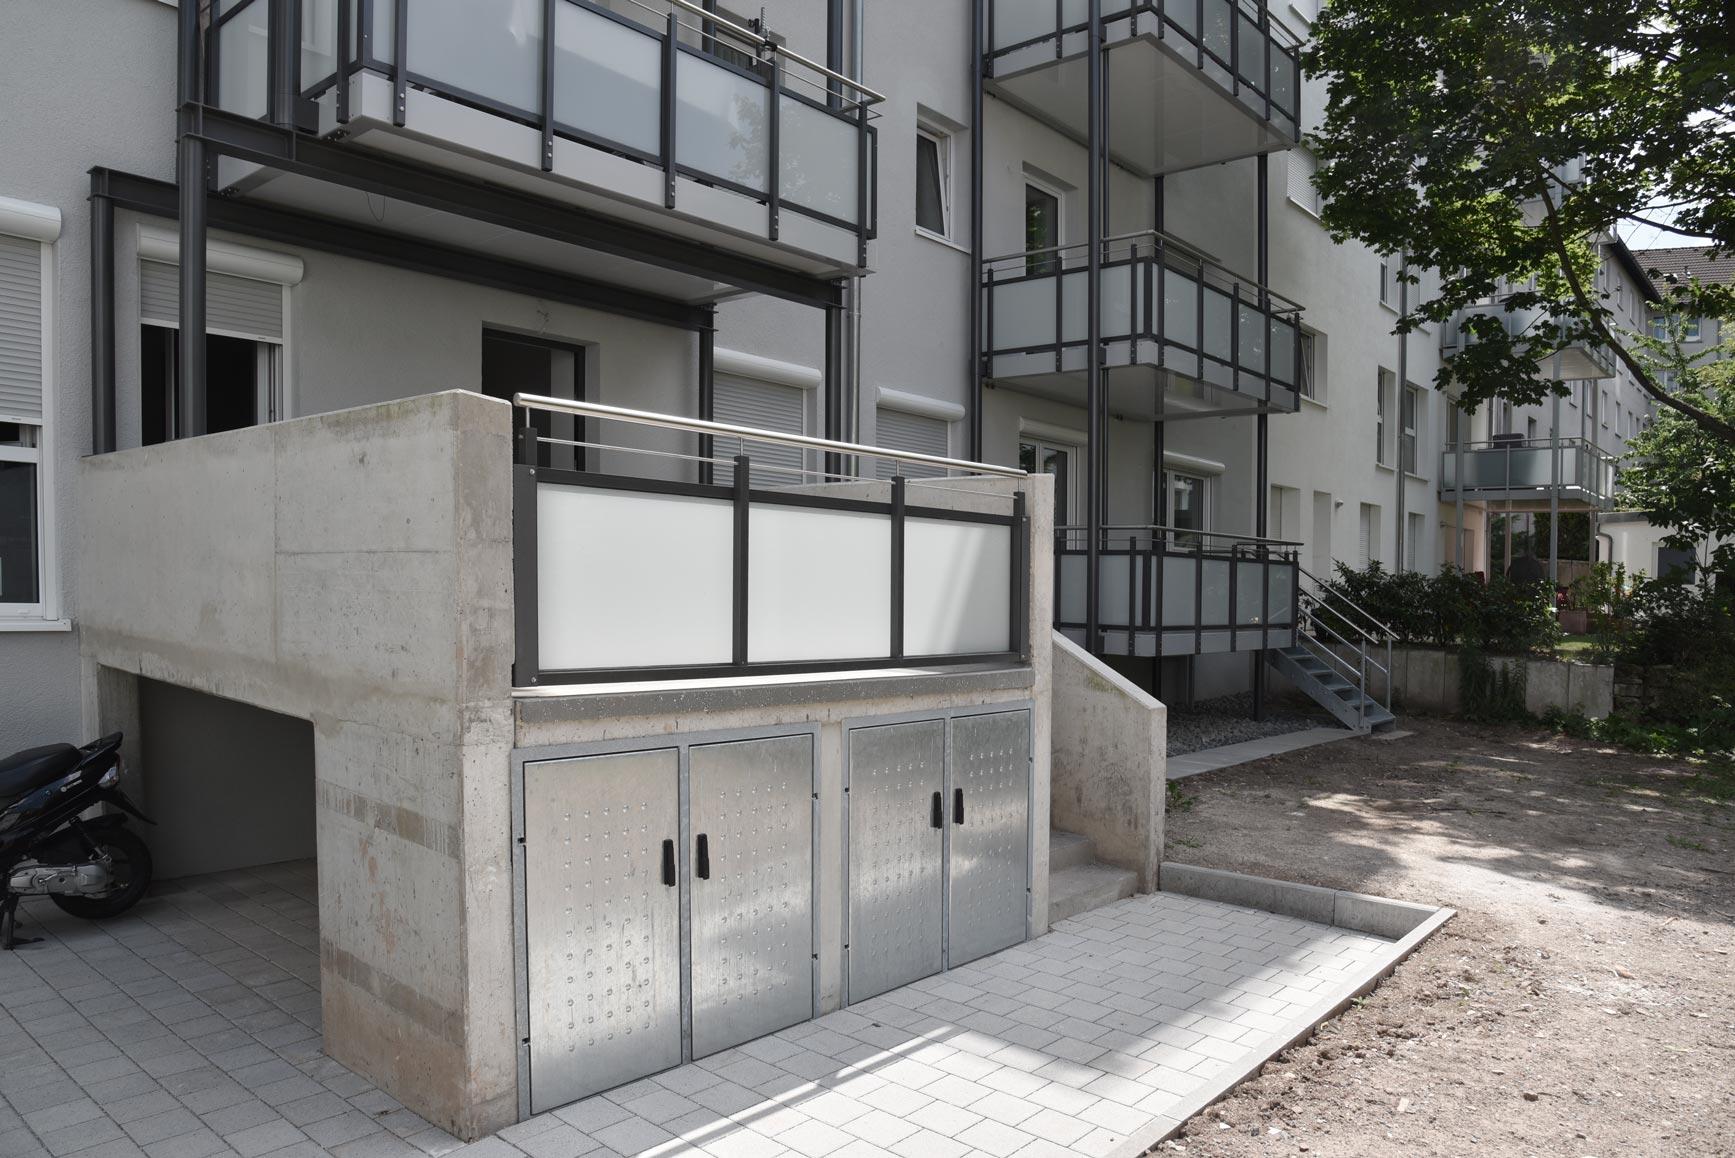 Terrasse und Balkone